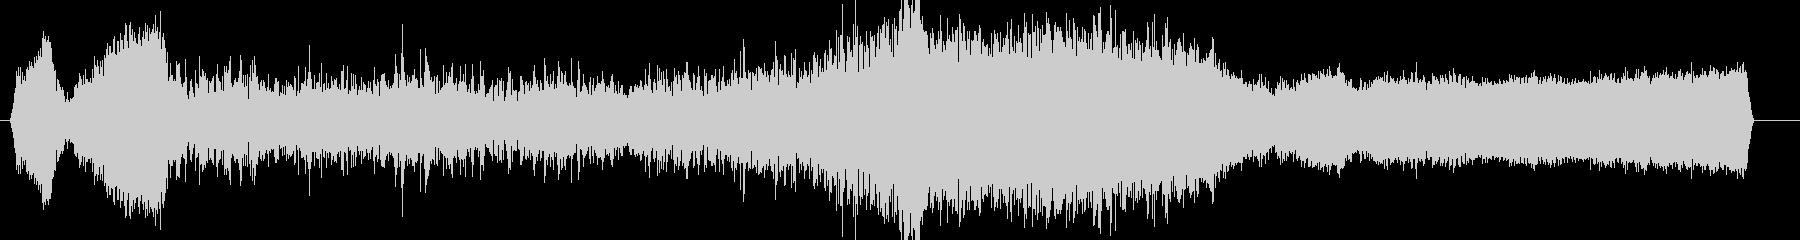 テイラークラフト:スロットル/タク...の未再生の波形